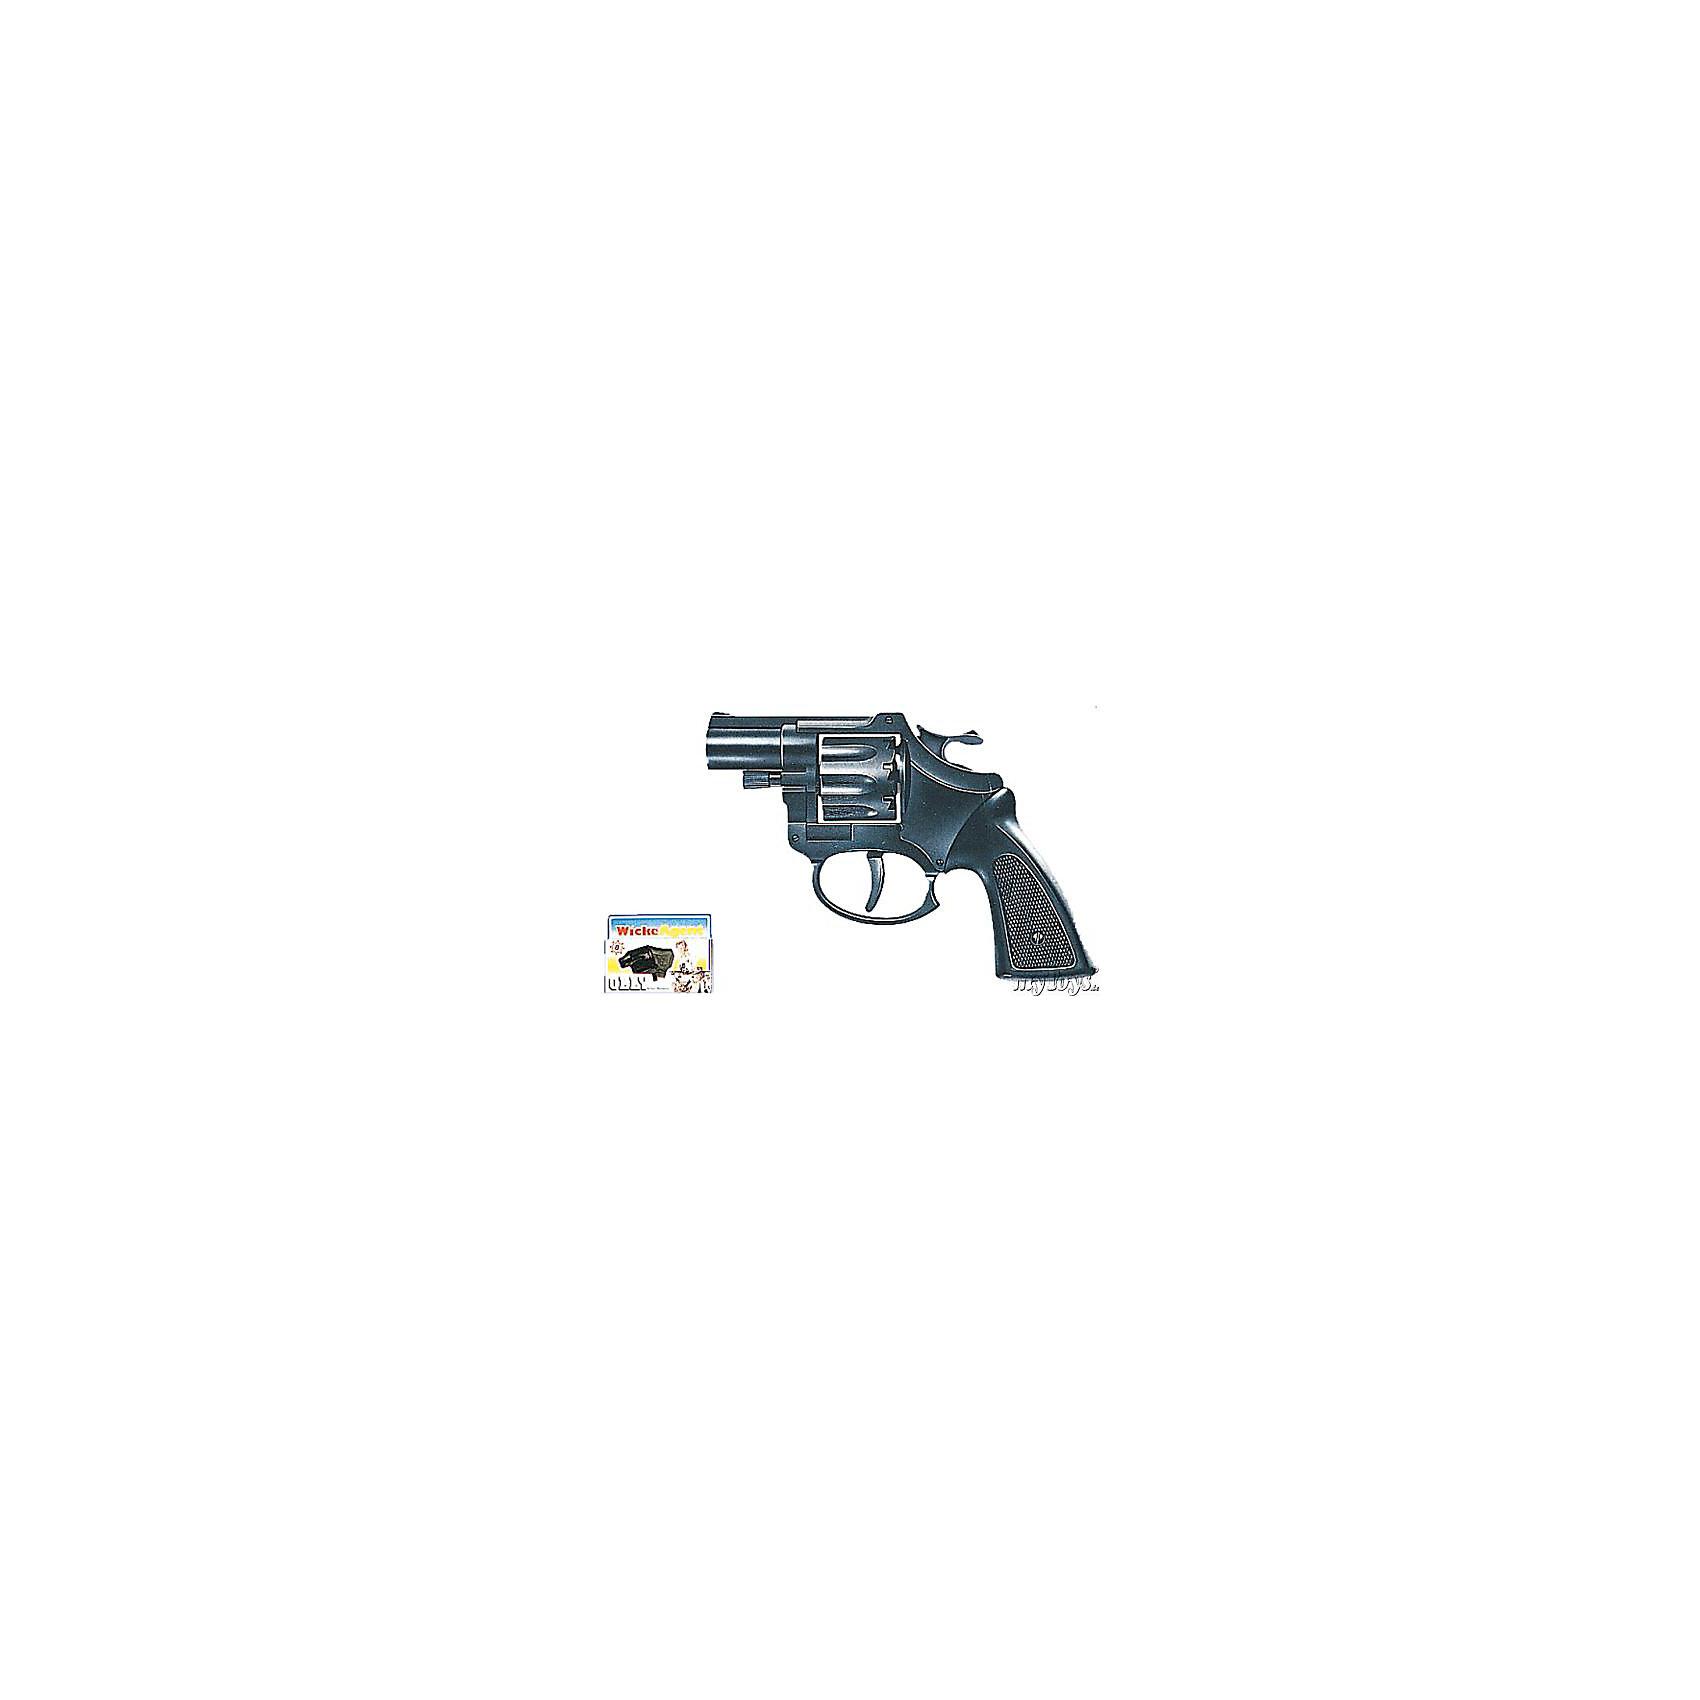 - Пистолет Olly, 8-зарядный,  Sohni-Wicke купить б у сони плейстейшен 2 с экраном